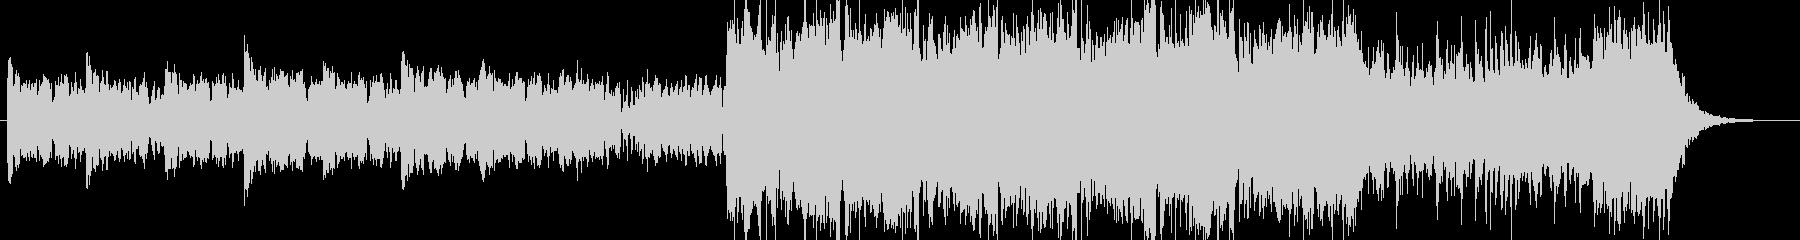 怪しい音の入ったSF感のある曲の未再生の波形